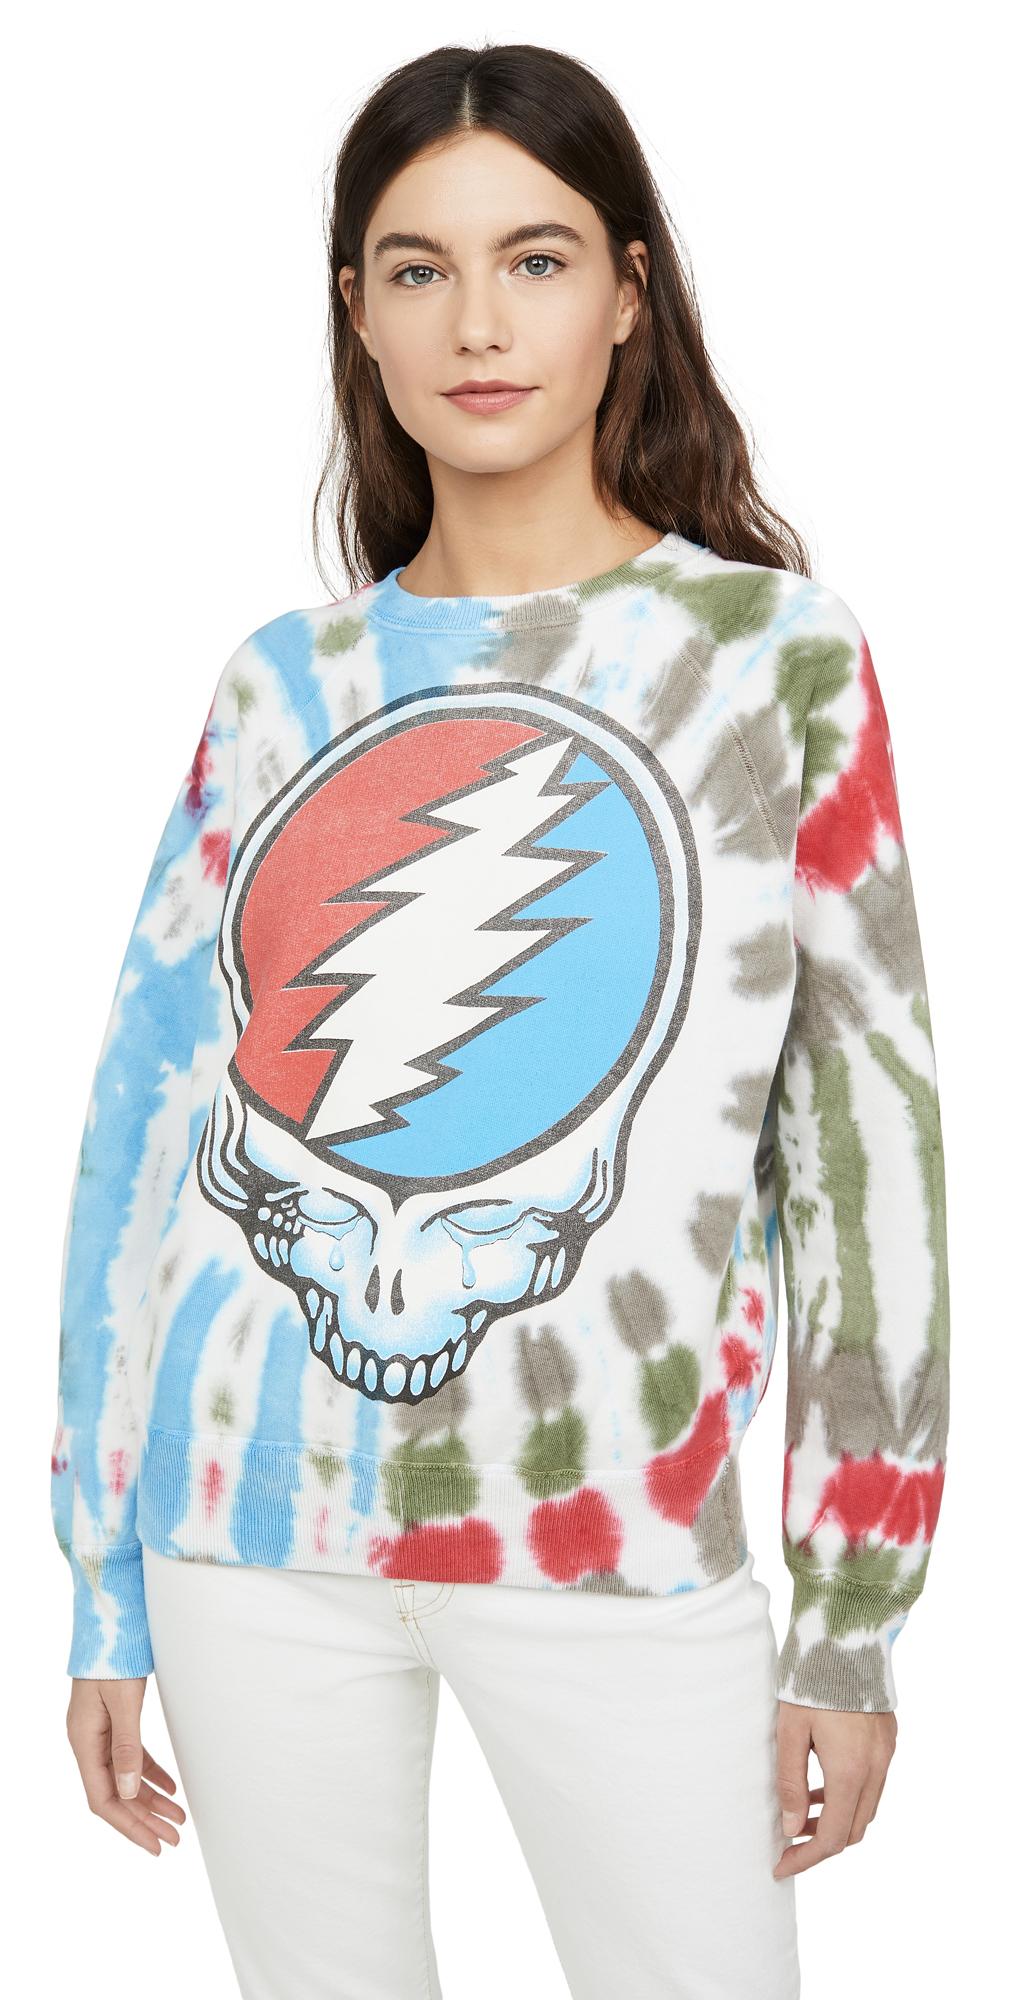 Grateful Dead Tie Dye Sweatshirt